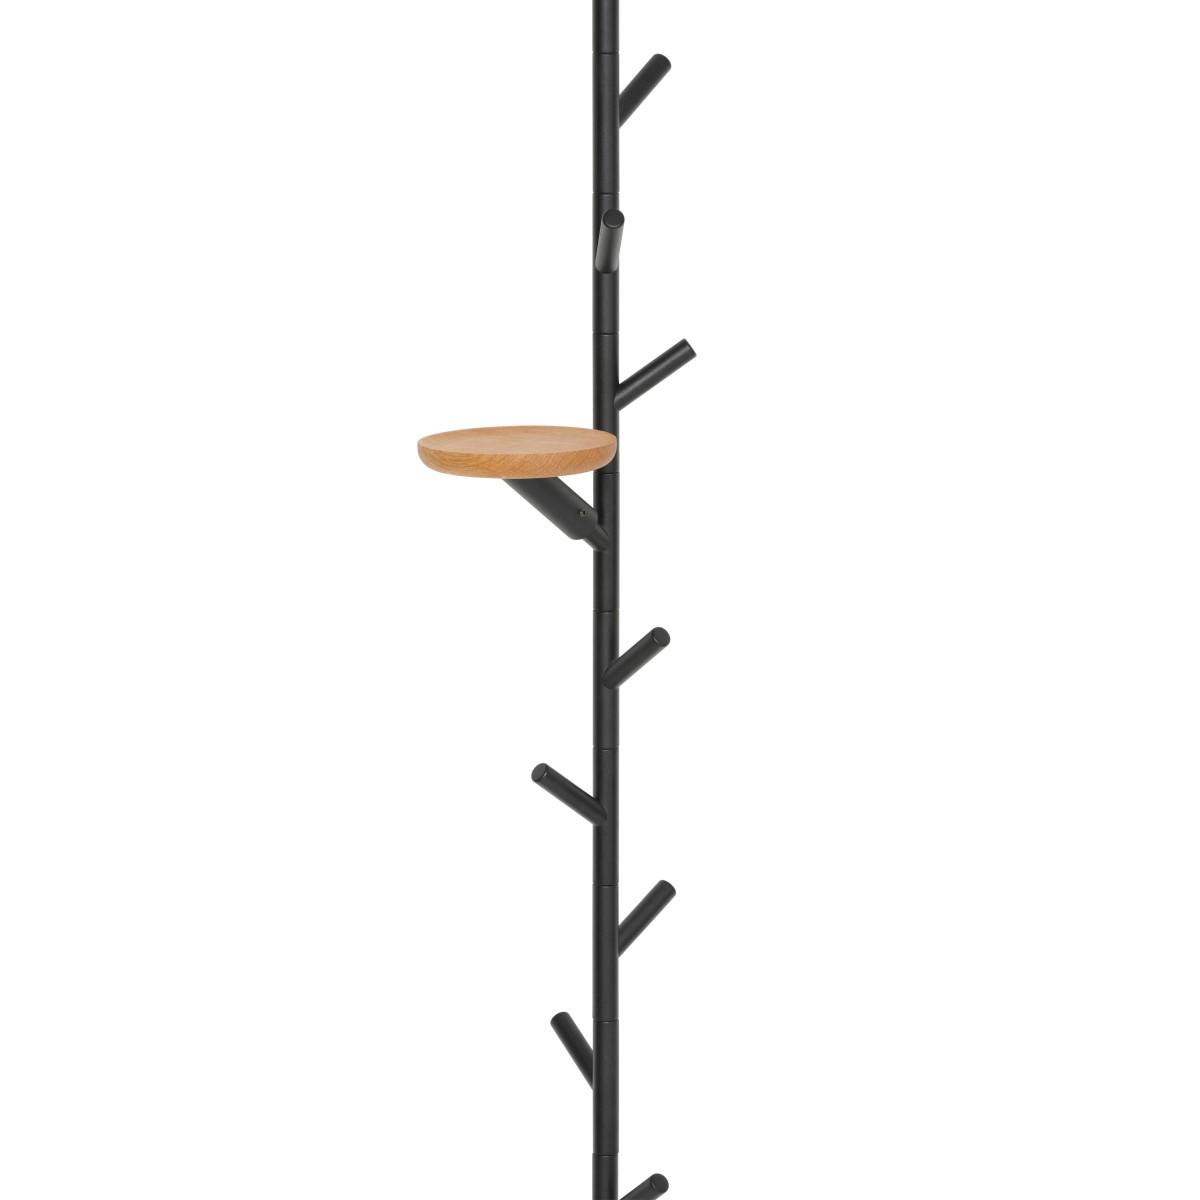 SUMI Spanngarderobe mit Ablage rund aus Eiche